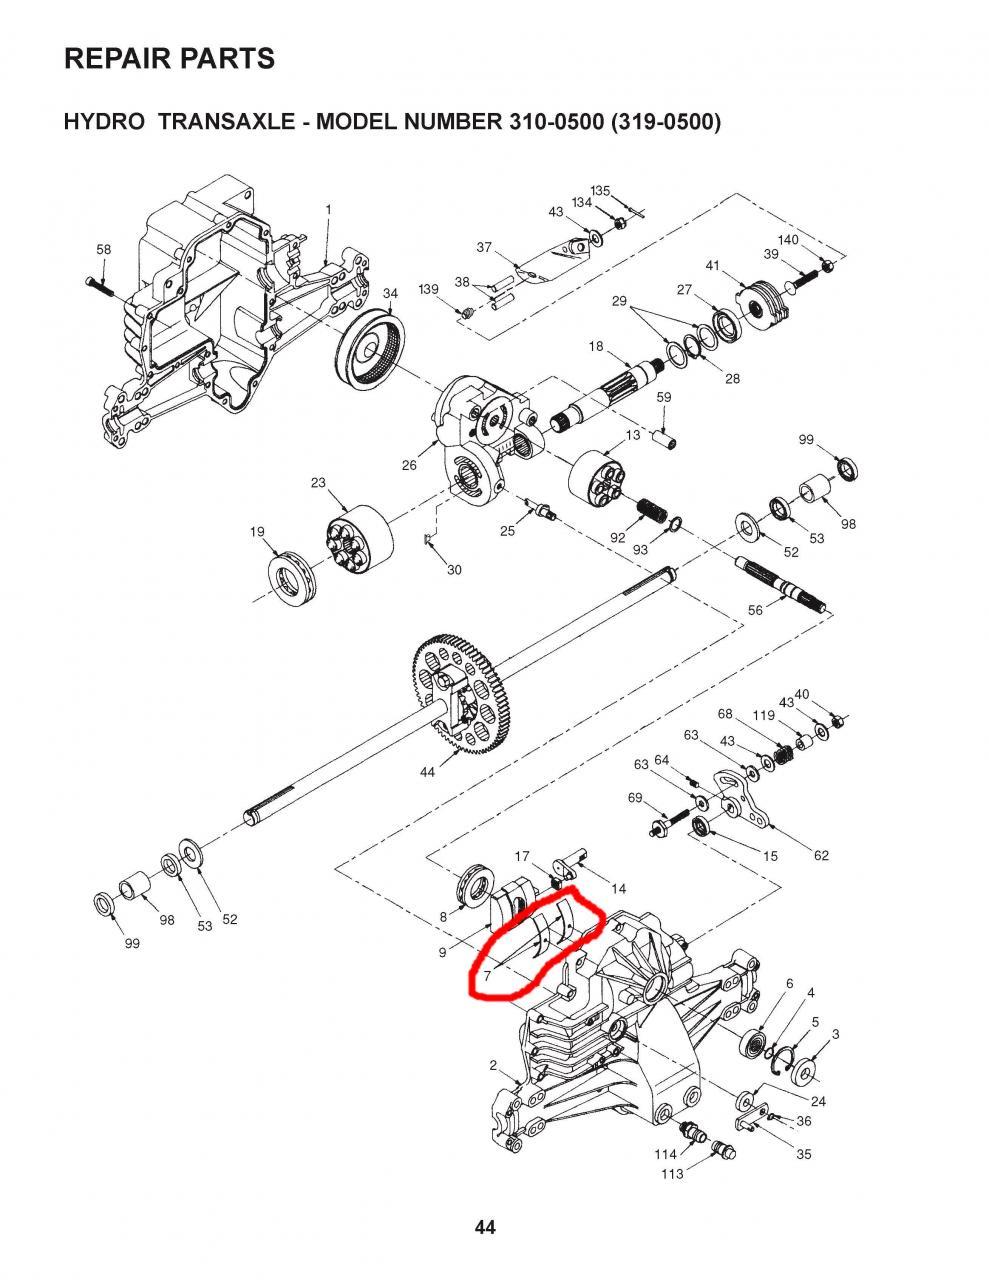 Husqvarna LTH130 - Hydrogear 319-0500 problem - OutdoorKing Repair Forum